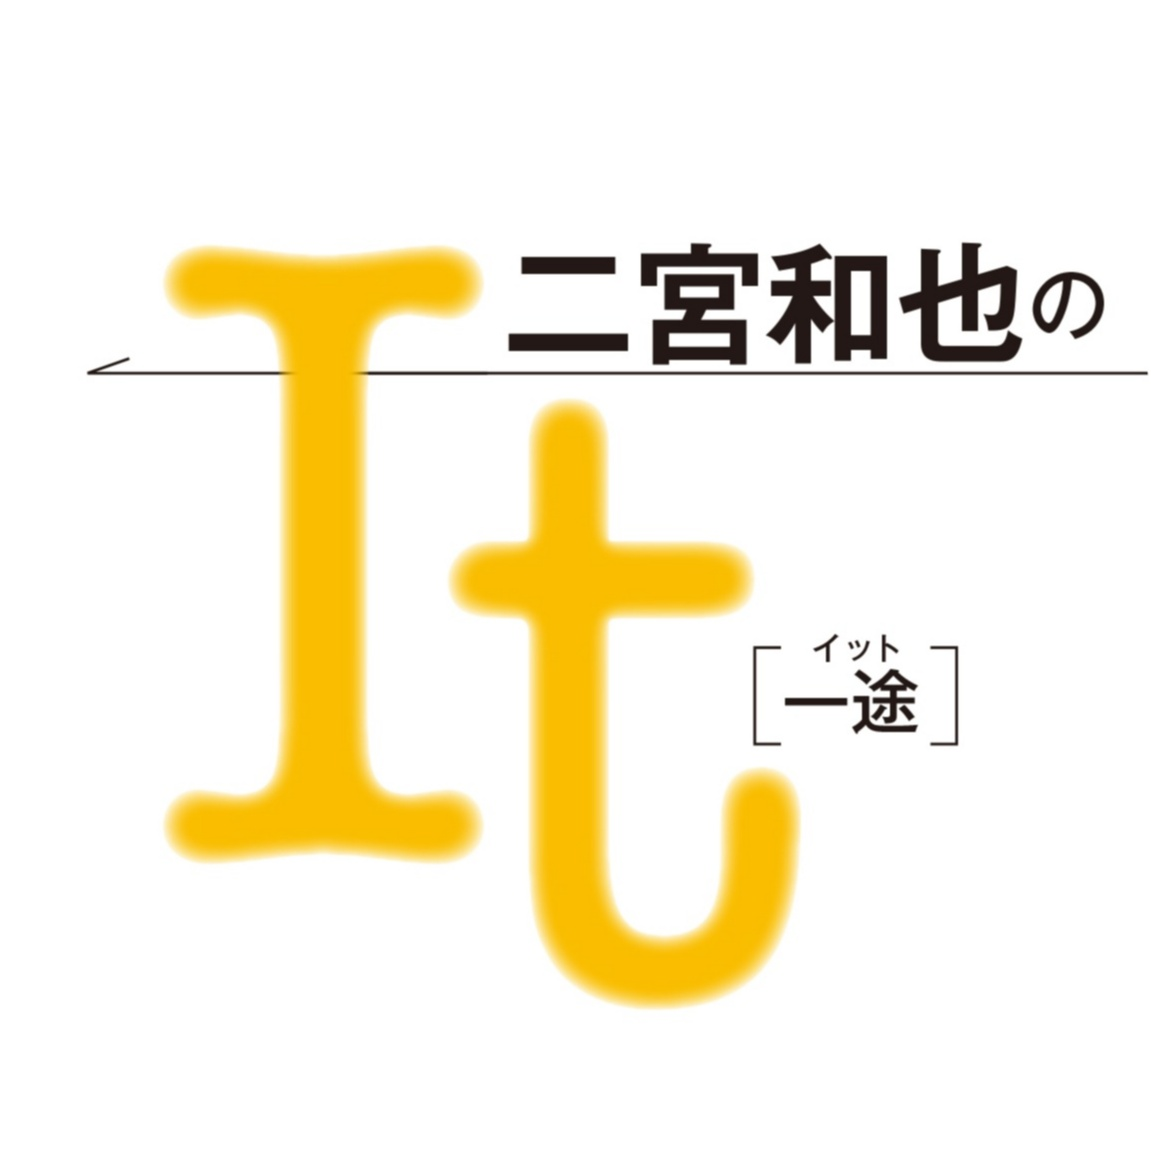 「二宮和也のIt[一途]」(MORE2月号)、相葉さん司会の『紅白』を観る前にぜひ読んで!_1